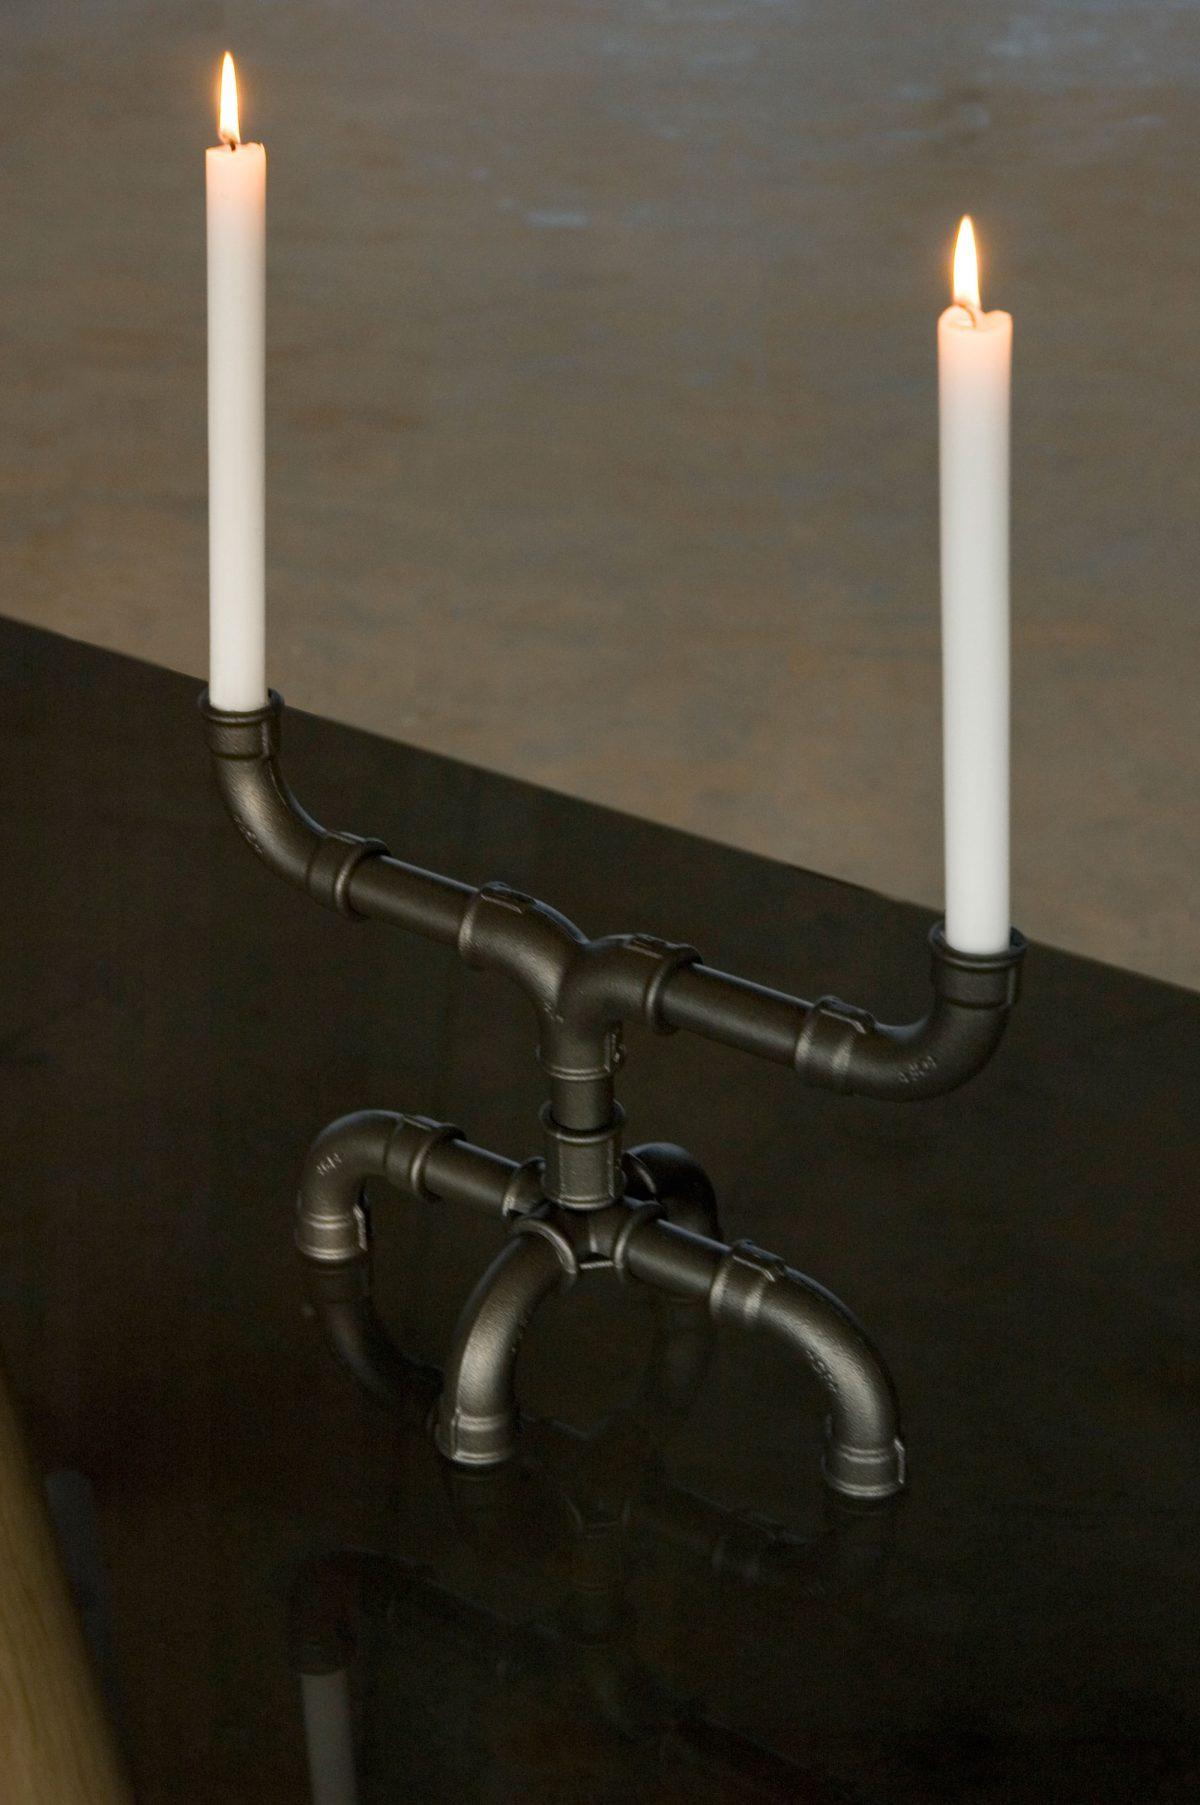 U-tube kandelaar grijs designer Sander Mulder